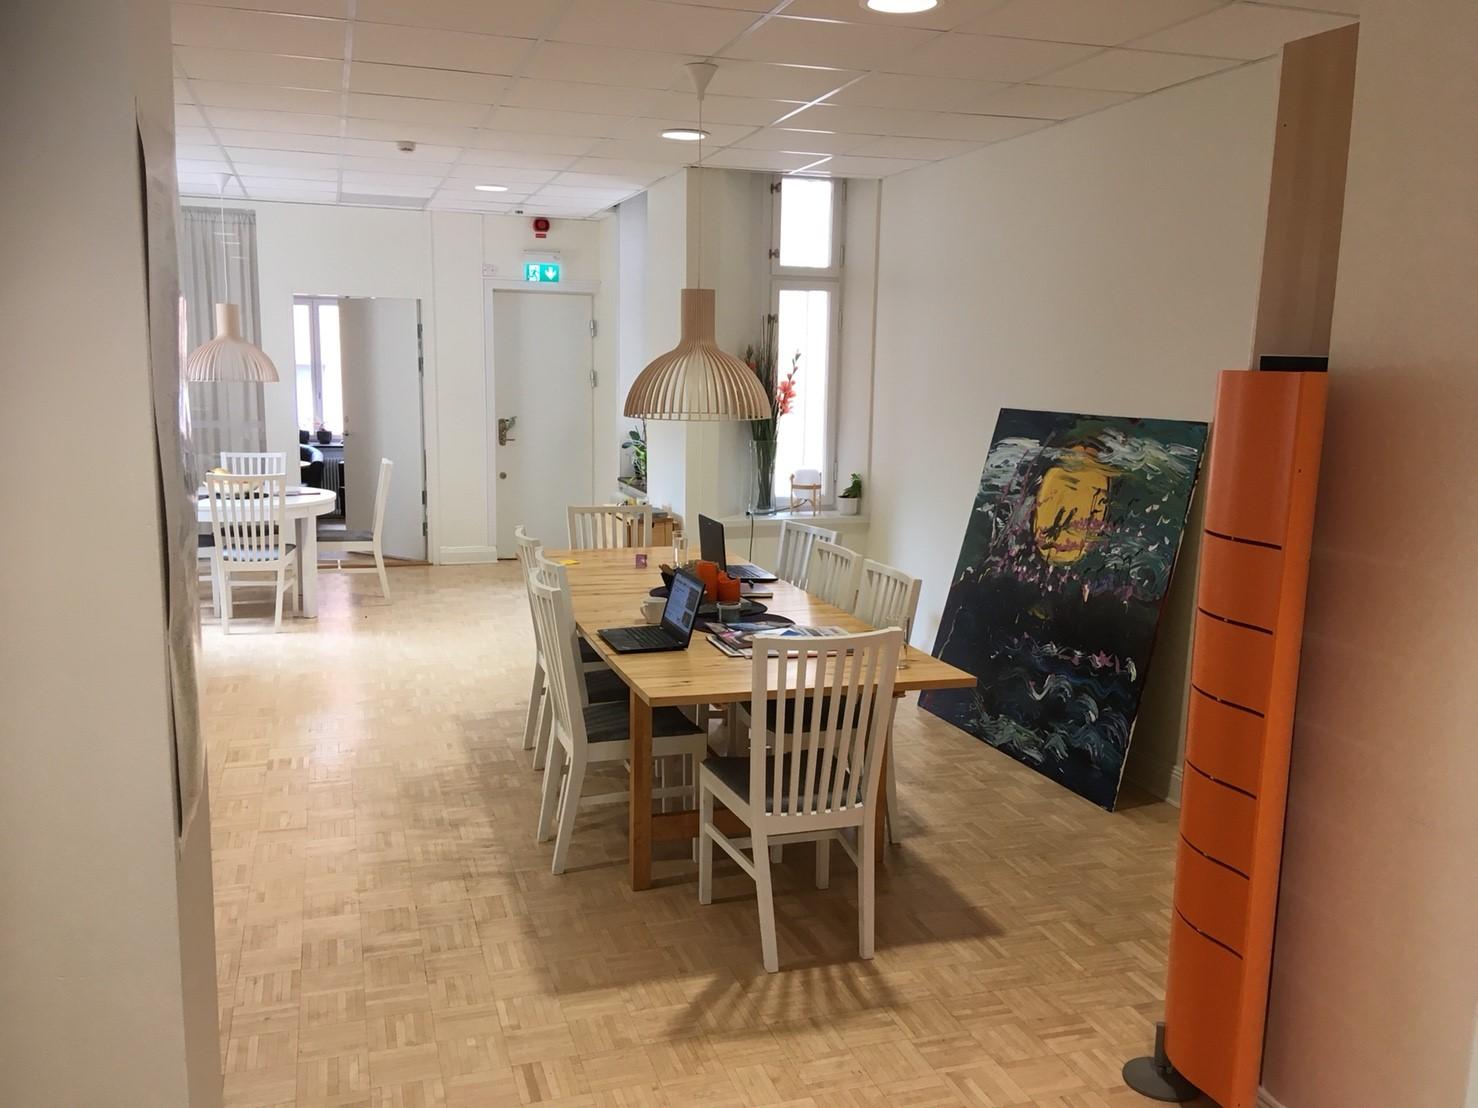 「スウェーデン成人教育協会」の事務所内の様子